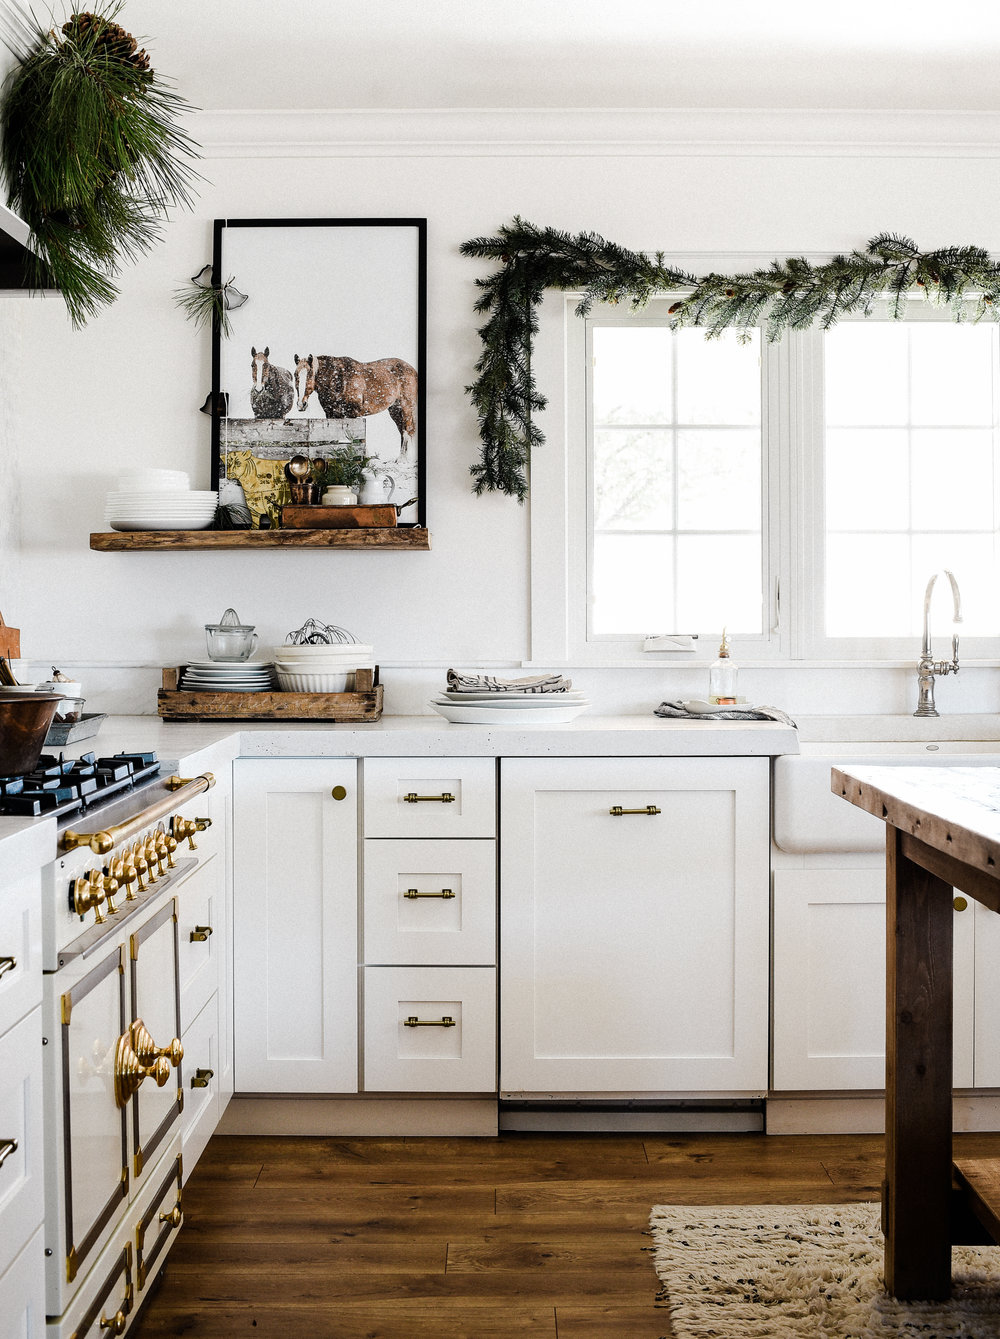 Farmhouse Christmas Decorating Ideas Our Christmas Kitchen